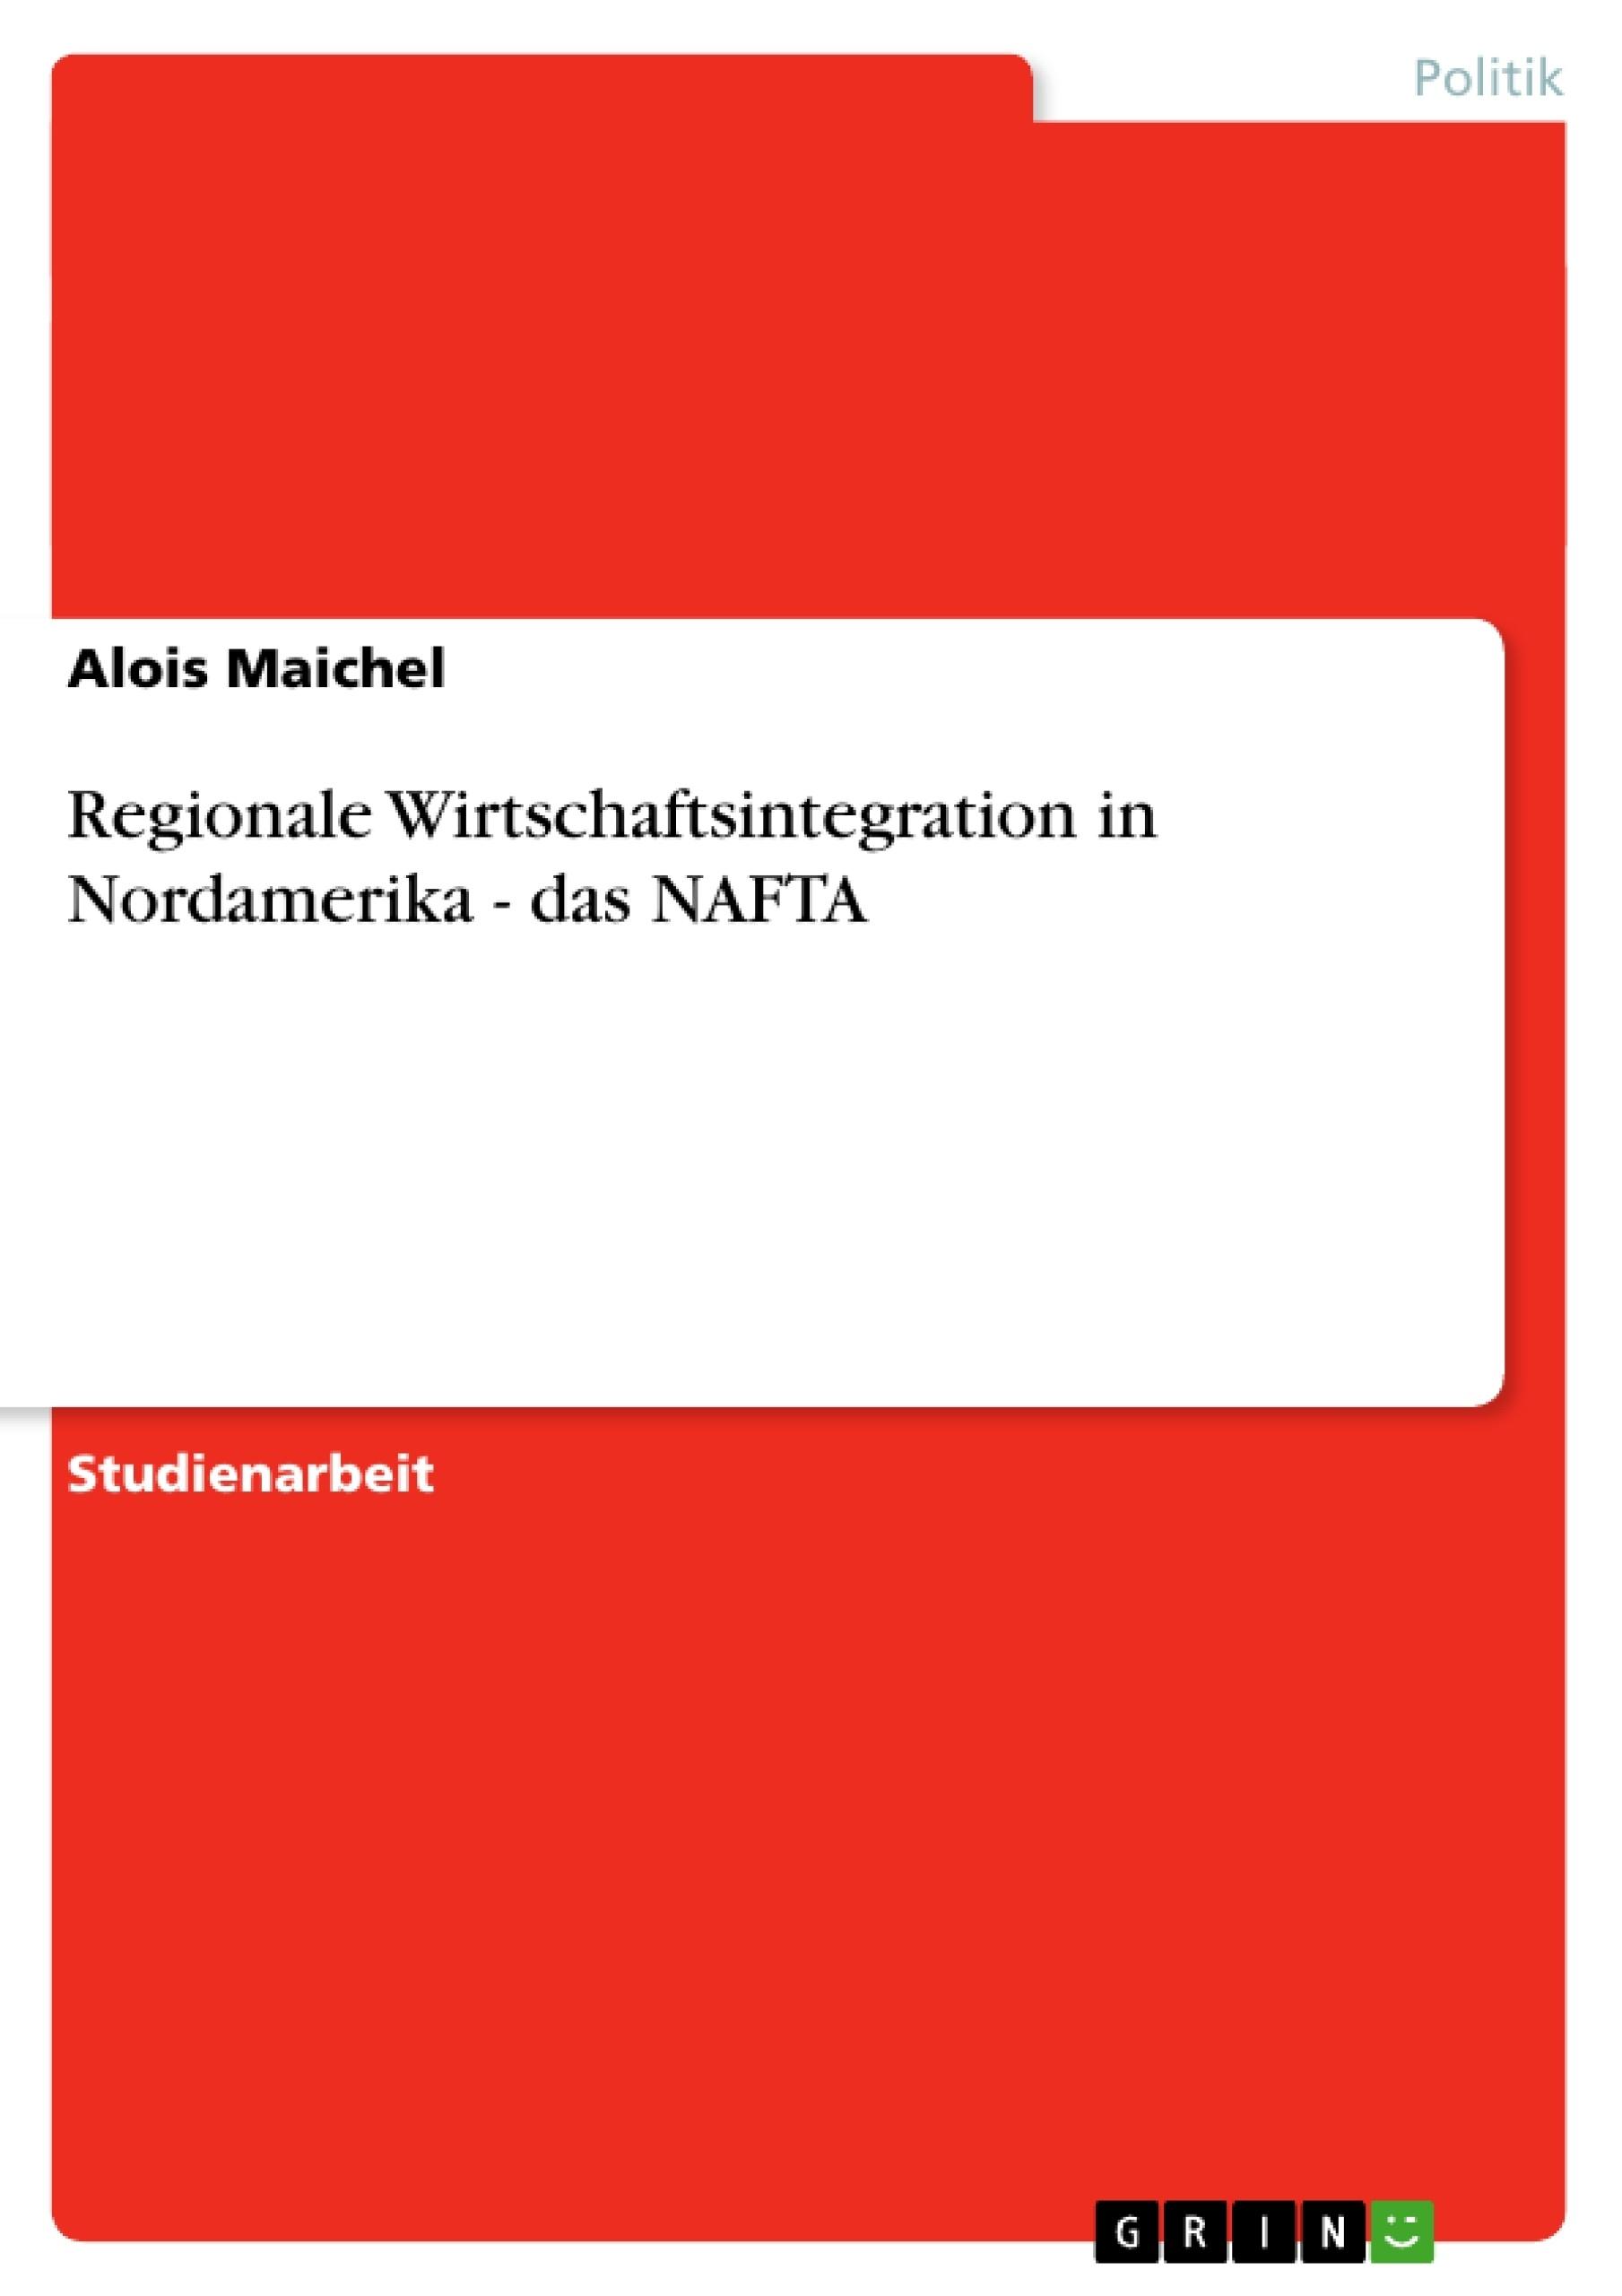 Titel: Regionale Wirtschaftsintegration in Nordamerika - das NAFTA